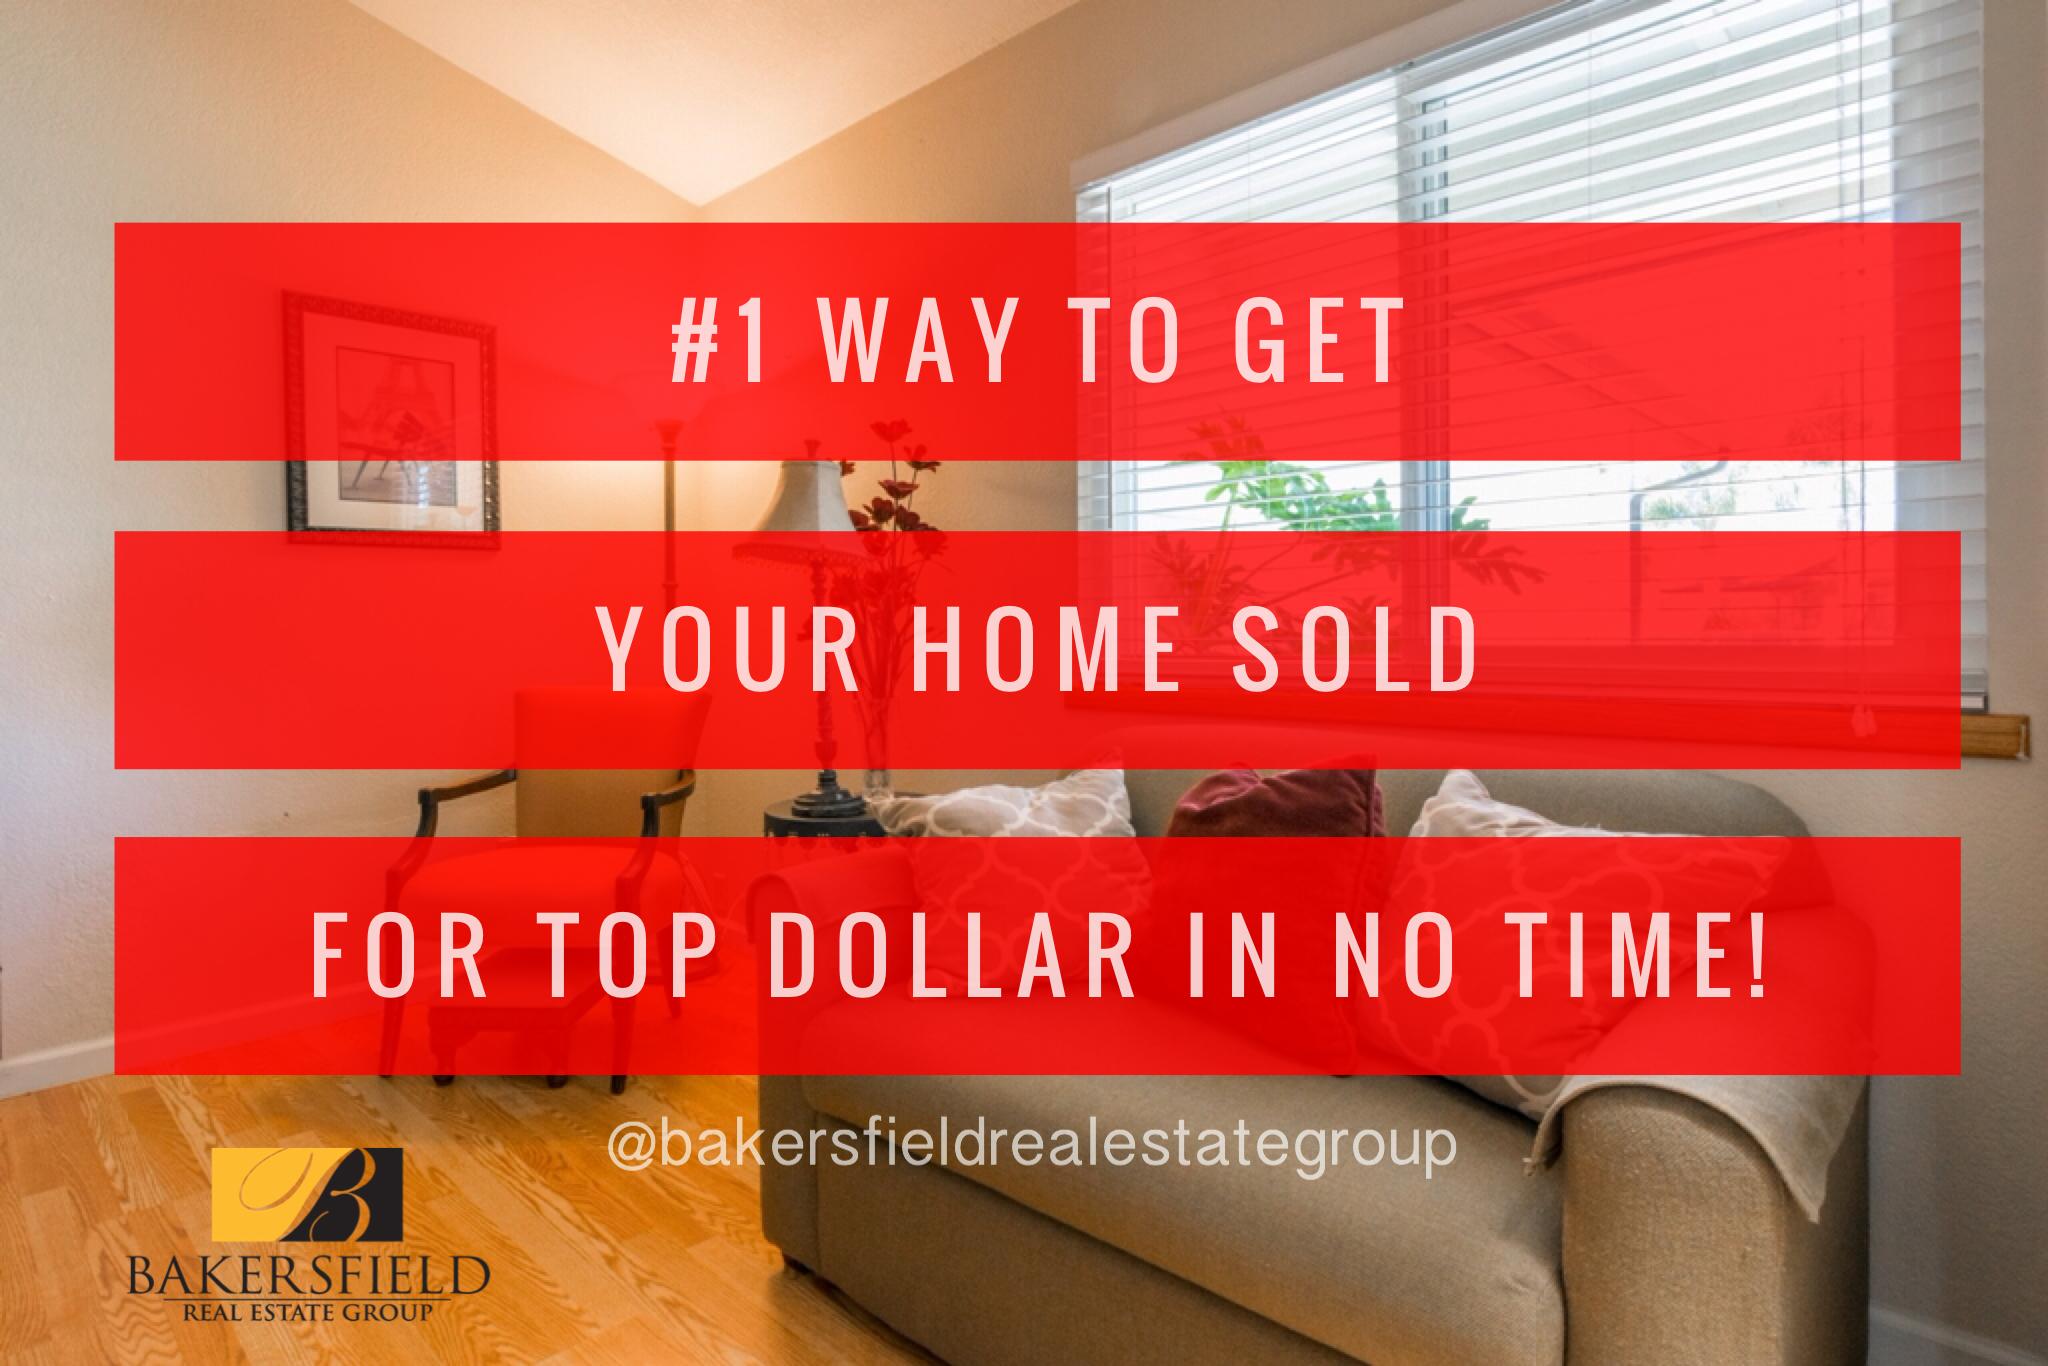 Top Realtors in Bakersfield - Home Sellers - Linda Banales 661-704-4244